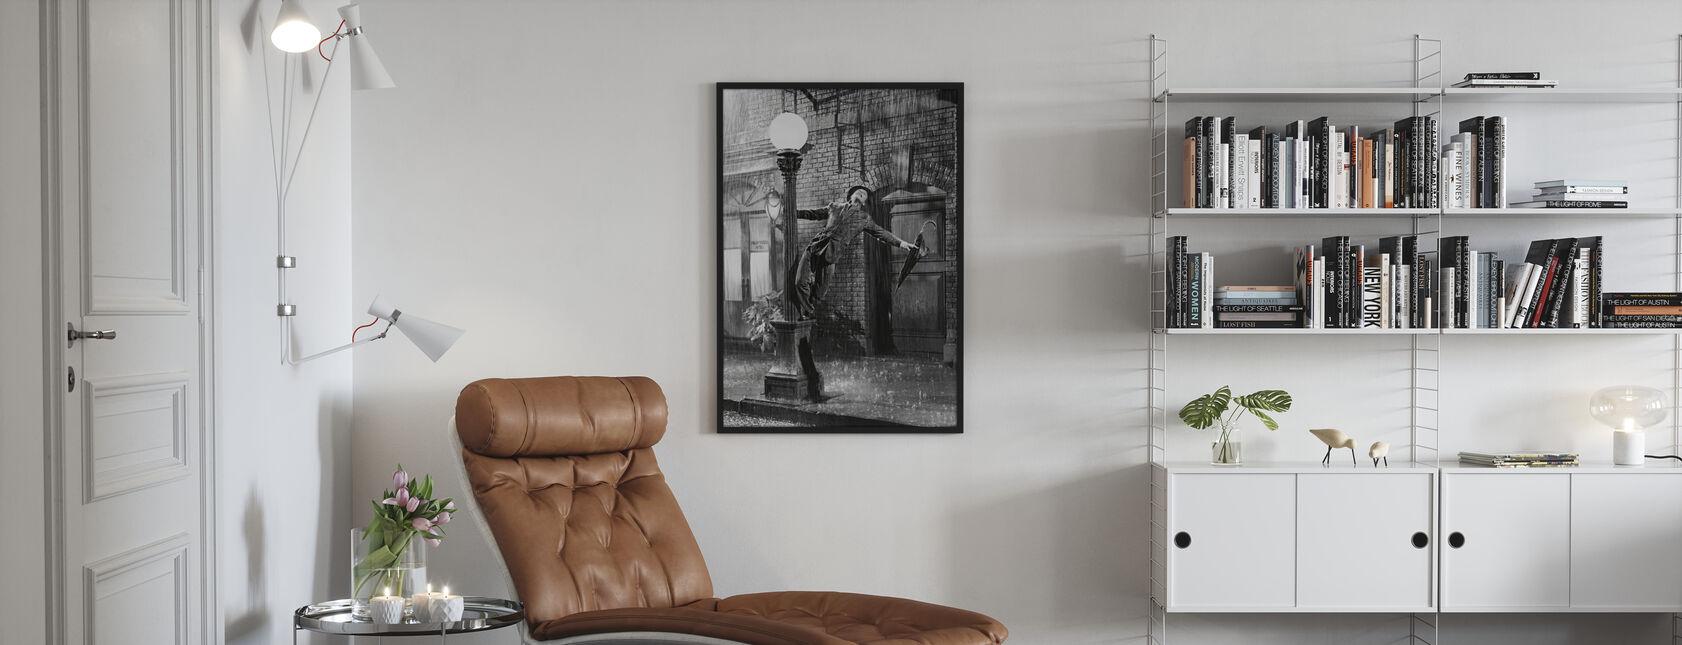 Gesang - Gene Kelly - Poster - Wohnzimmer